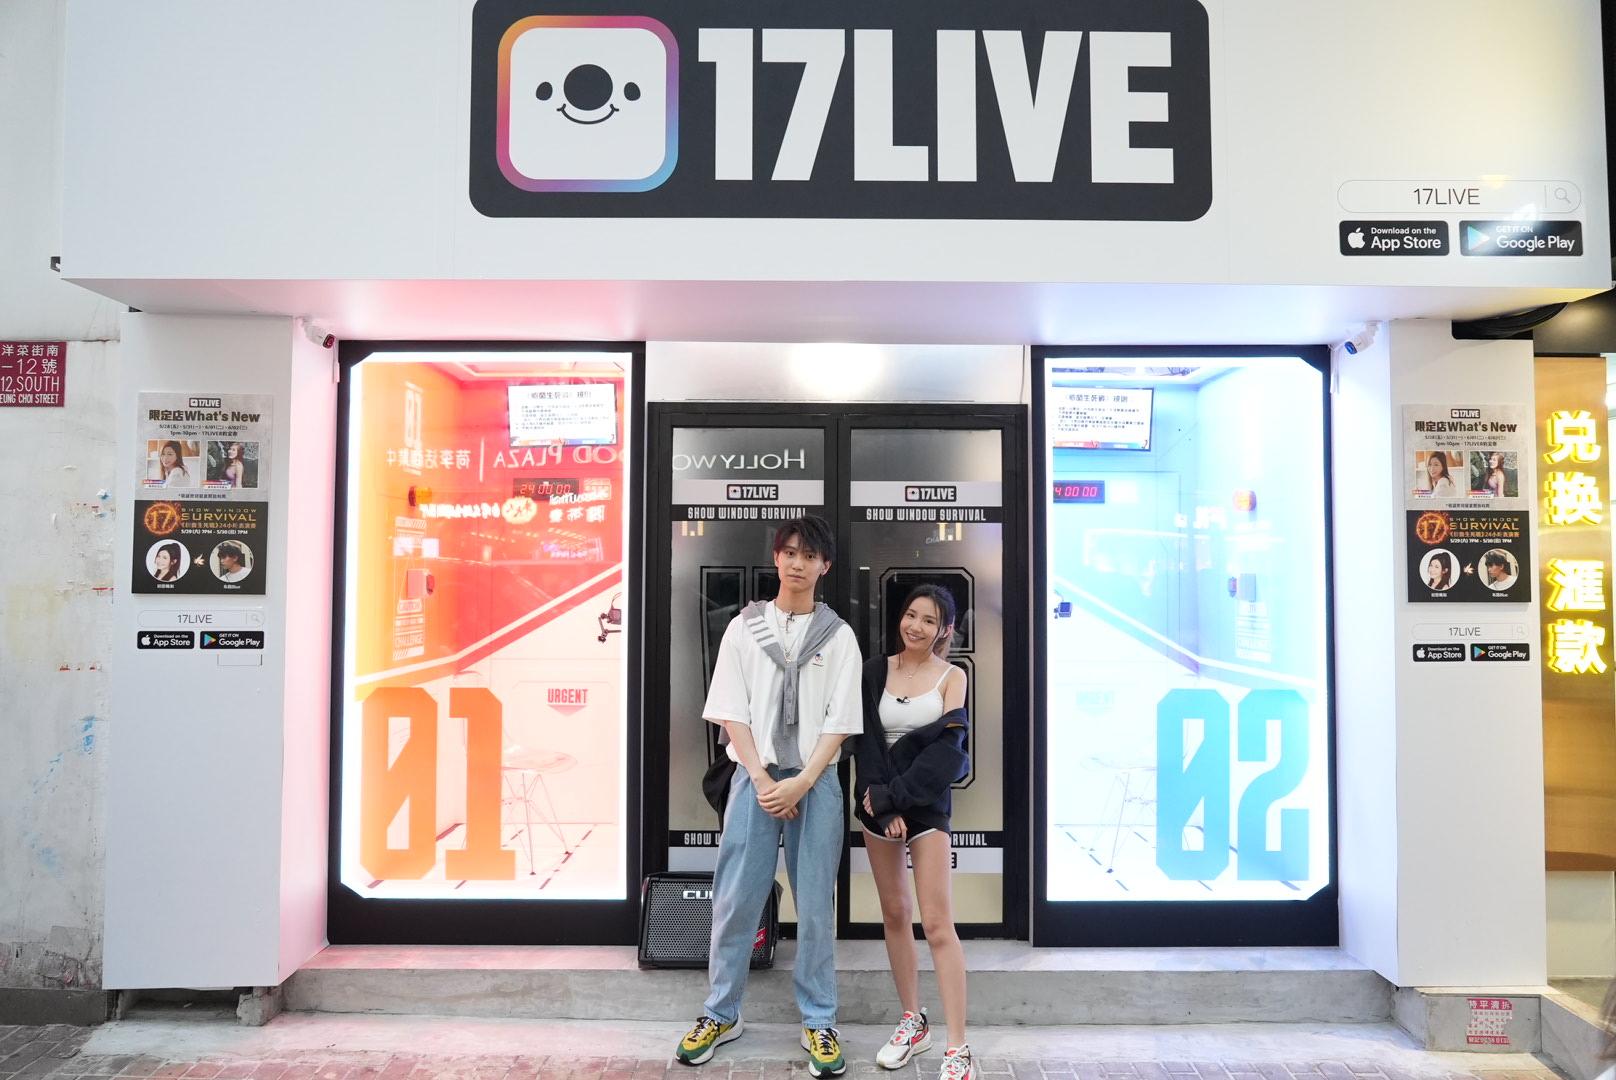 【旺角】17LIVE期間限定店 直播主躋身櫥窗挑戰72小時個人生活